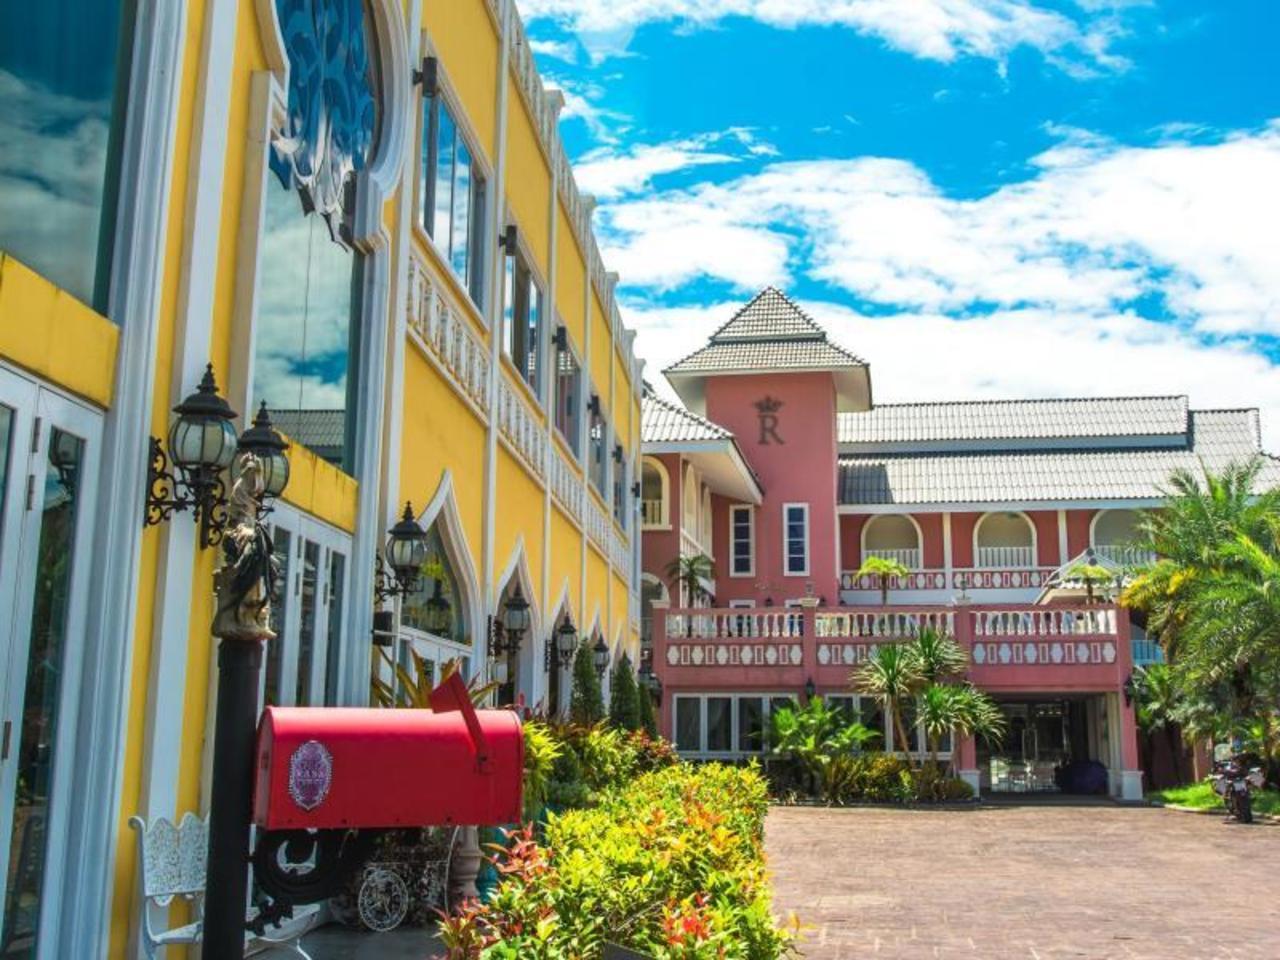 โรงแรม รสา บูทีค เชียงราย (Rasa Boutique Hotel)